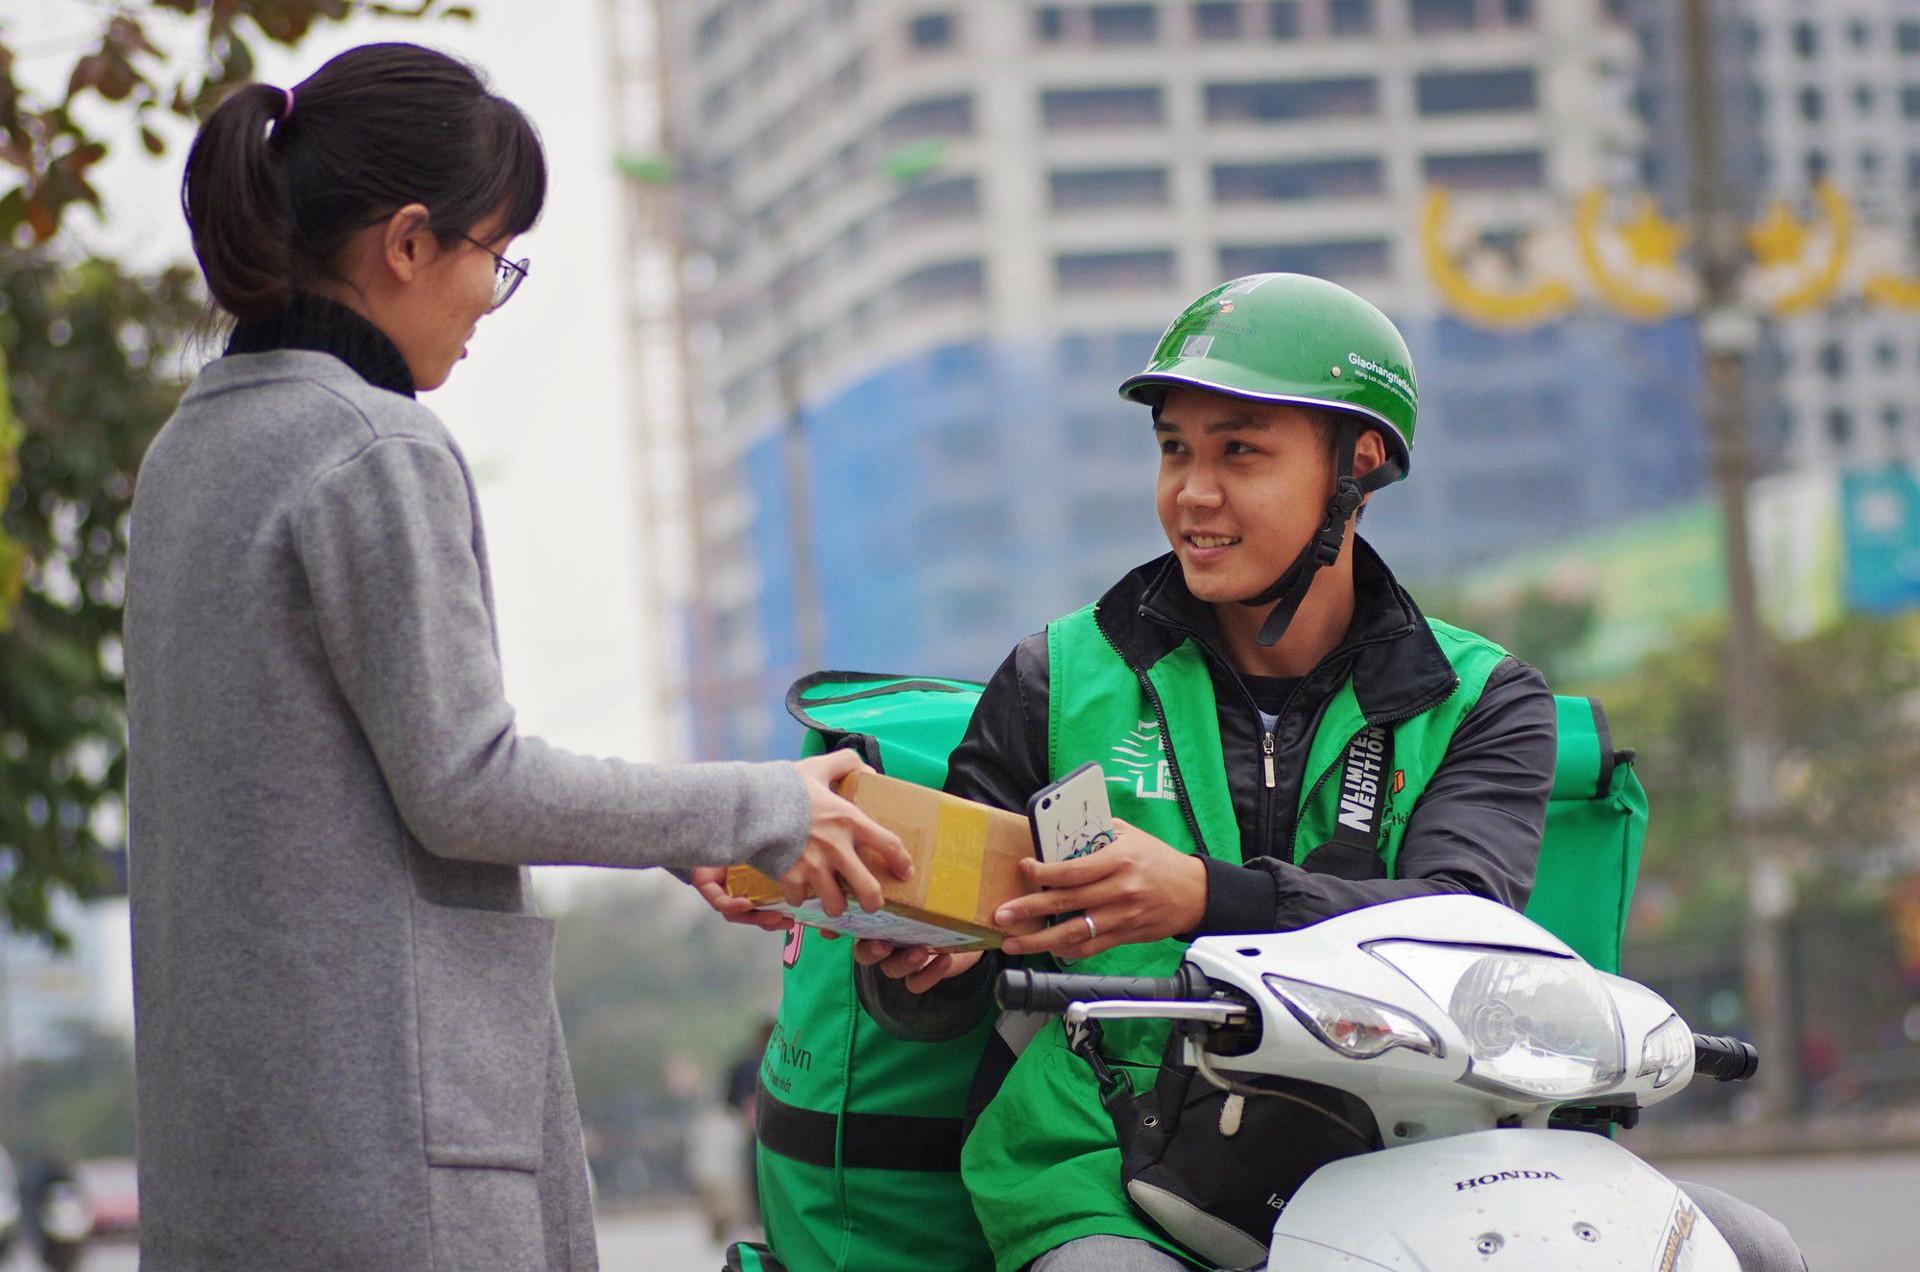 Tuyển dụng nhân viên giao nhận TP HCM